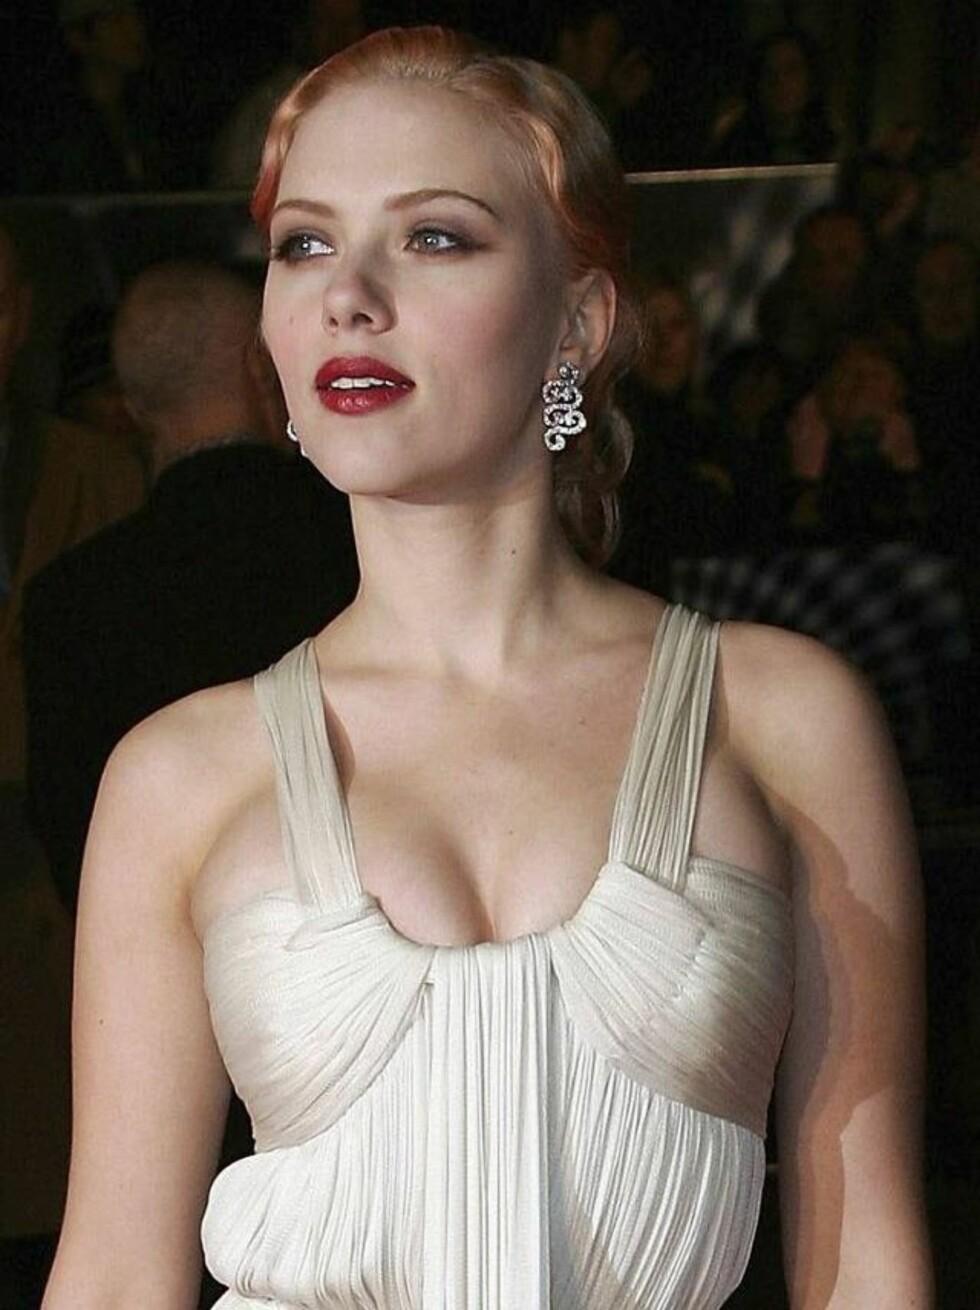 VAKKER: Scarlett Johansson er mange menns drøm. Har også Justin Timberlake falt pladask? Foto: All Over Press